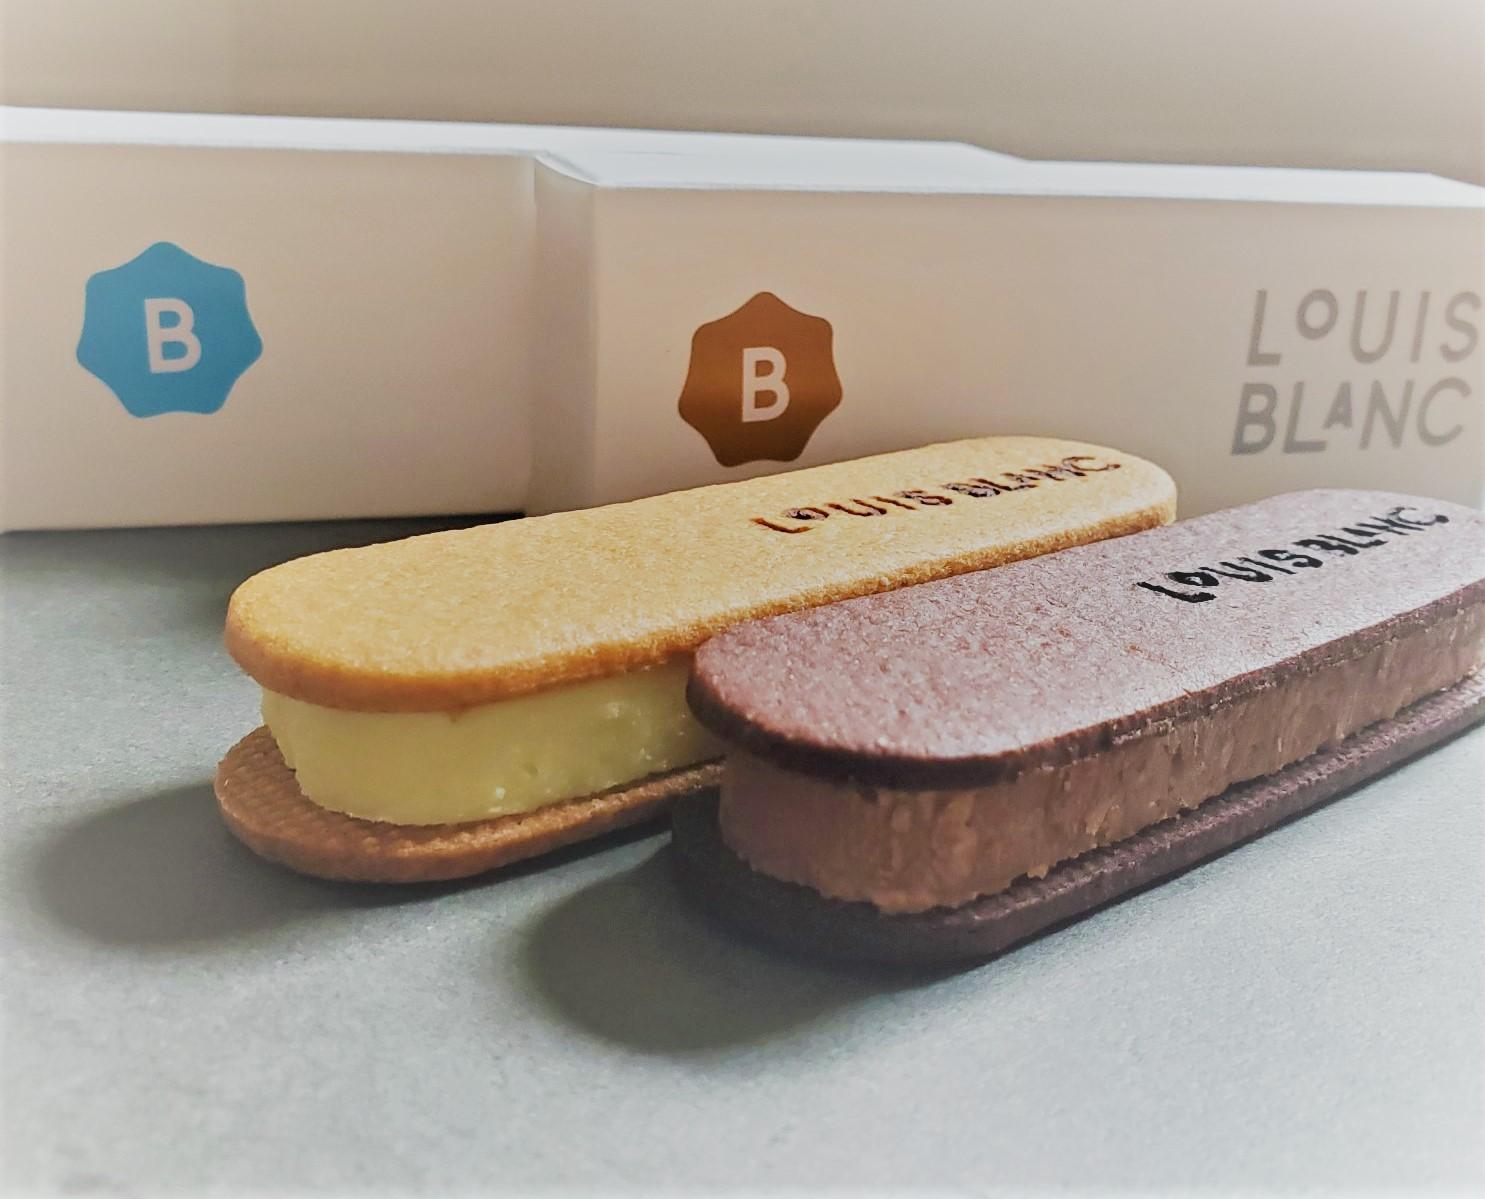 ≪神戸お土産≫濃厚チョコクリームとさくさくサブレのチョコレートサンド専門店【LOUIS BLANC】♡_3